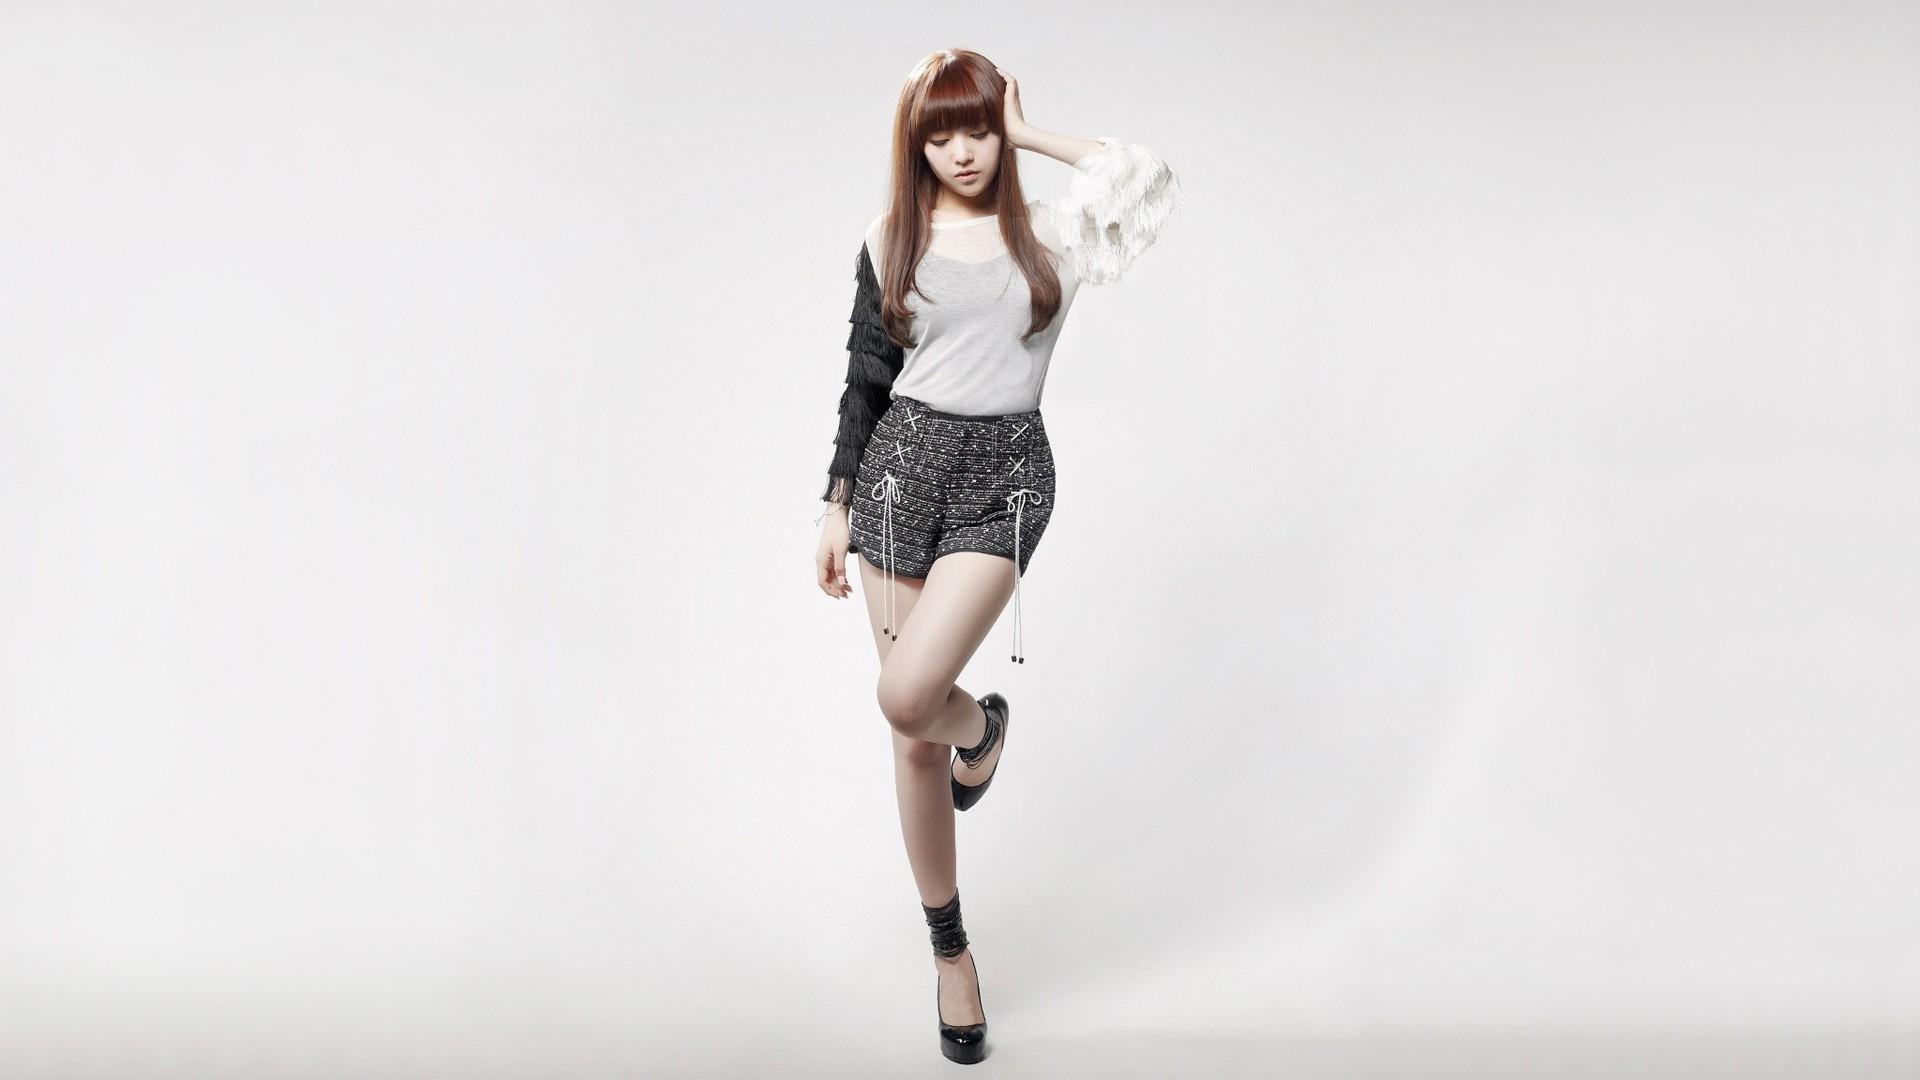 Korean Girl Wallpaper 4k Sexy Korean Girls Live Wallpaper